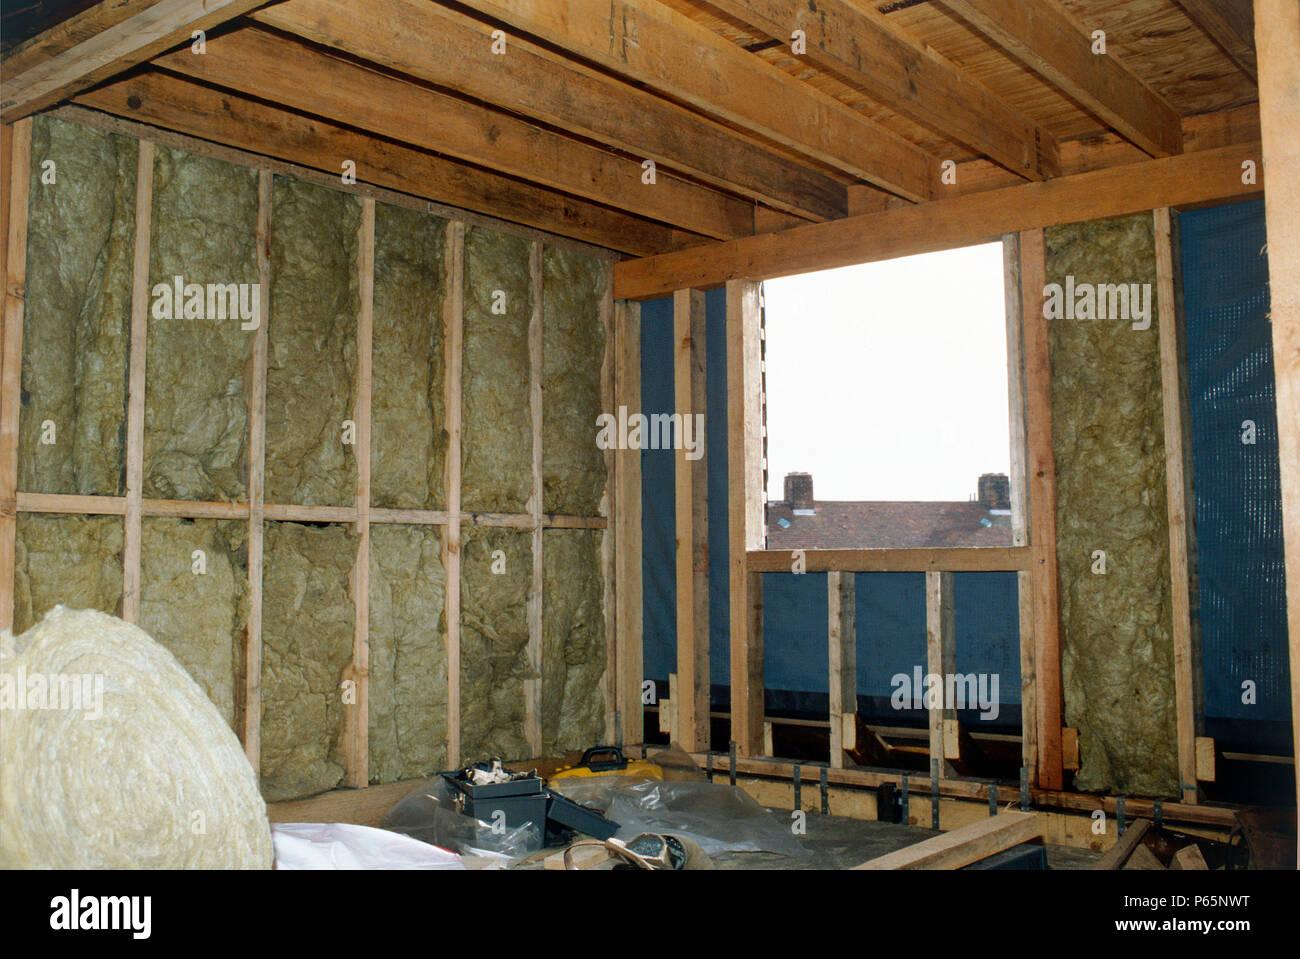 Dachboden Isolierung Stockfoto Bild 210339300 Alamy